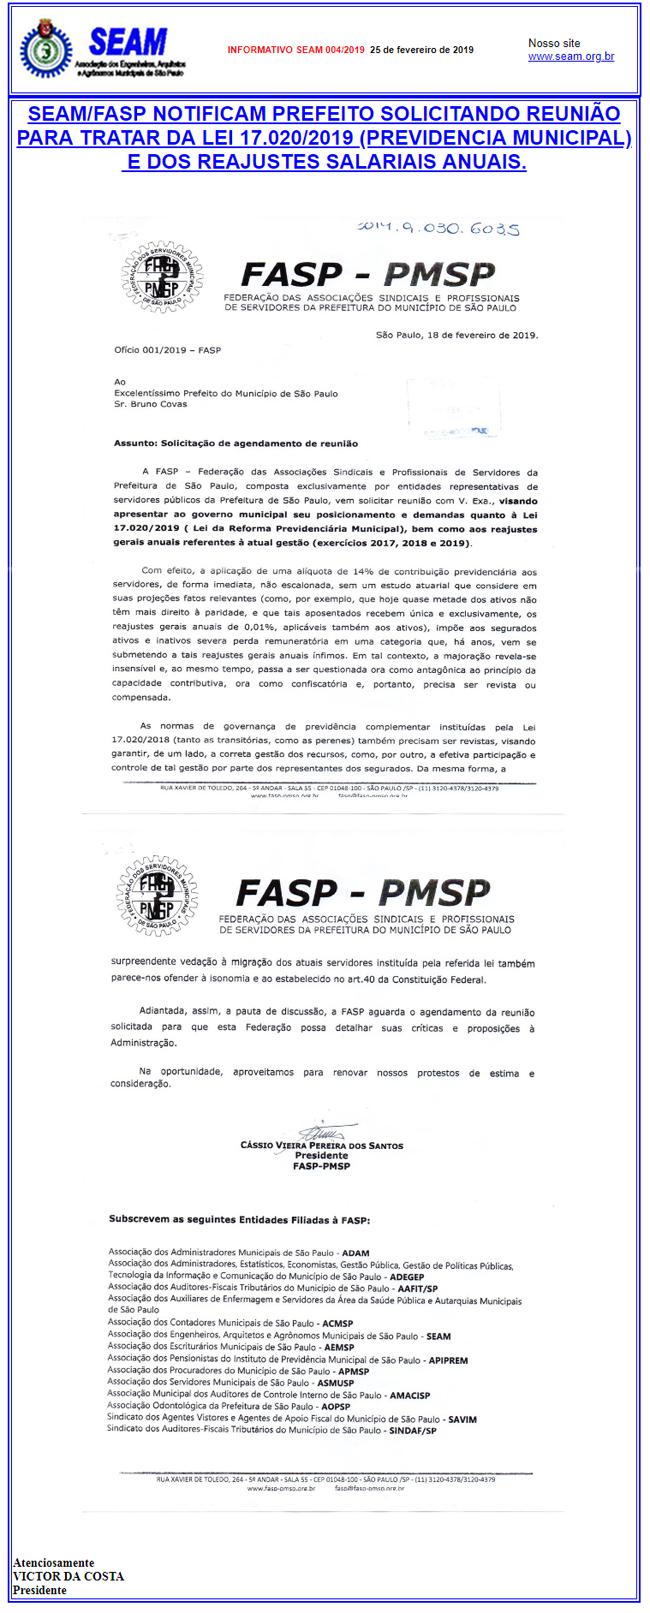 004 – SEAM/FASP NOTIFICAM PREFEITO SOLICITANDO REUNIÃO PARA TRATAR DA LEI 17.02/2019 (PREVIDENCIA MUNICIPAL)  E DOS REAJUSTES SALARIAIS ANUAIS.